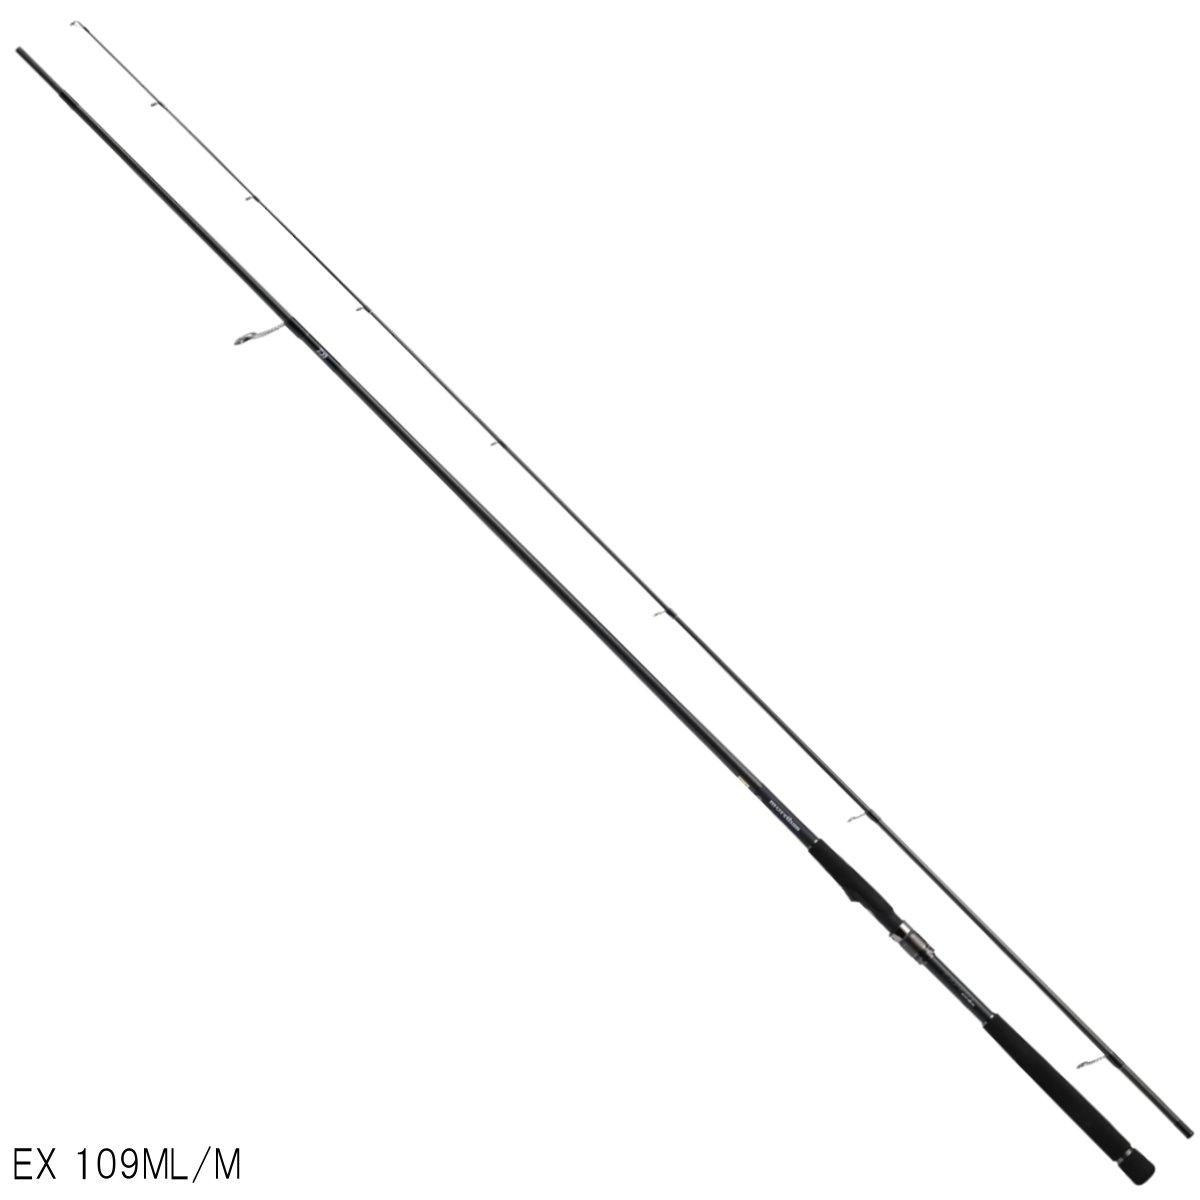 ダイワ モアザン(スピニングモデル) EX 109ML/M【大型商品】【送料無料】